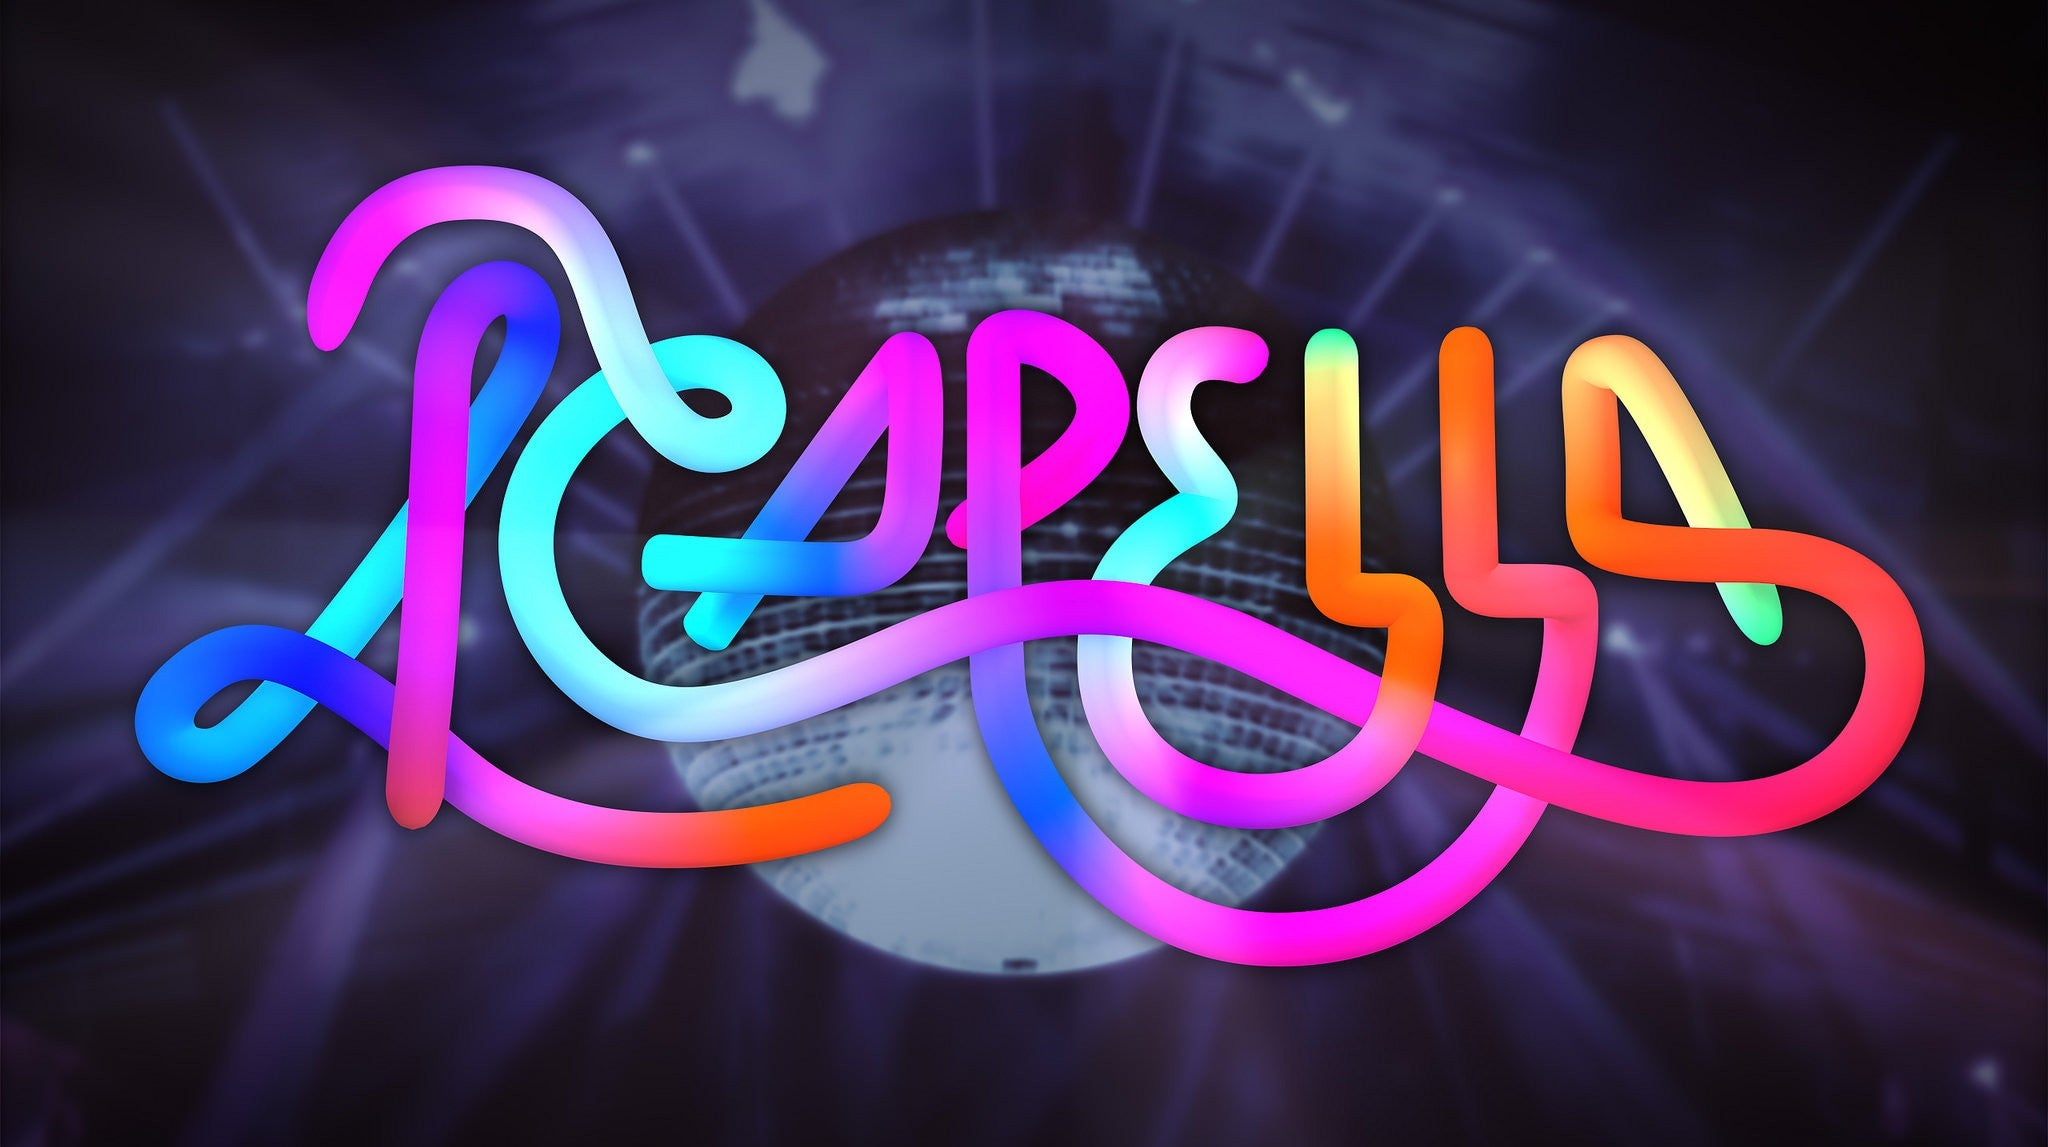 A Capella